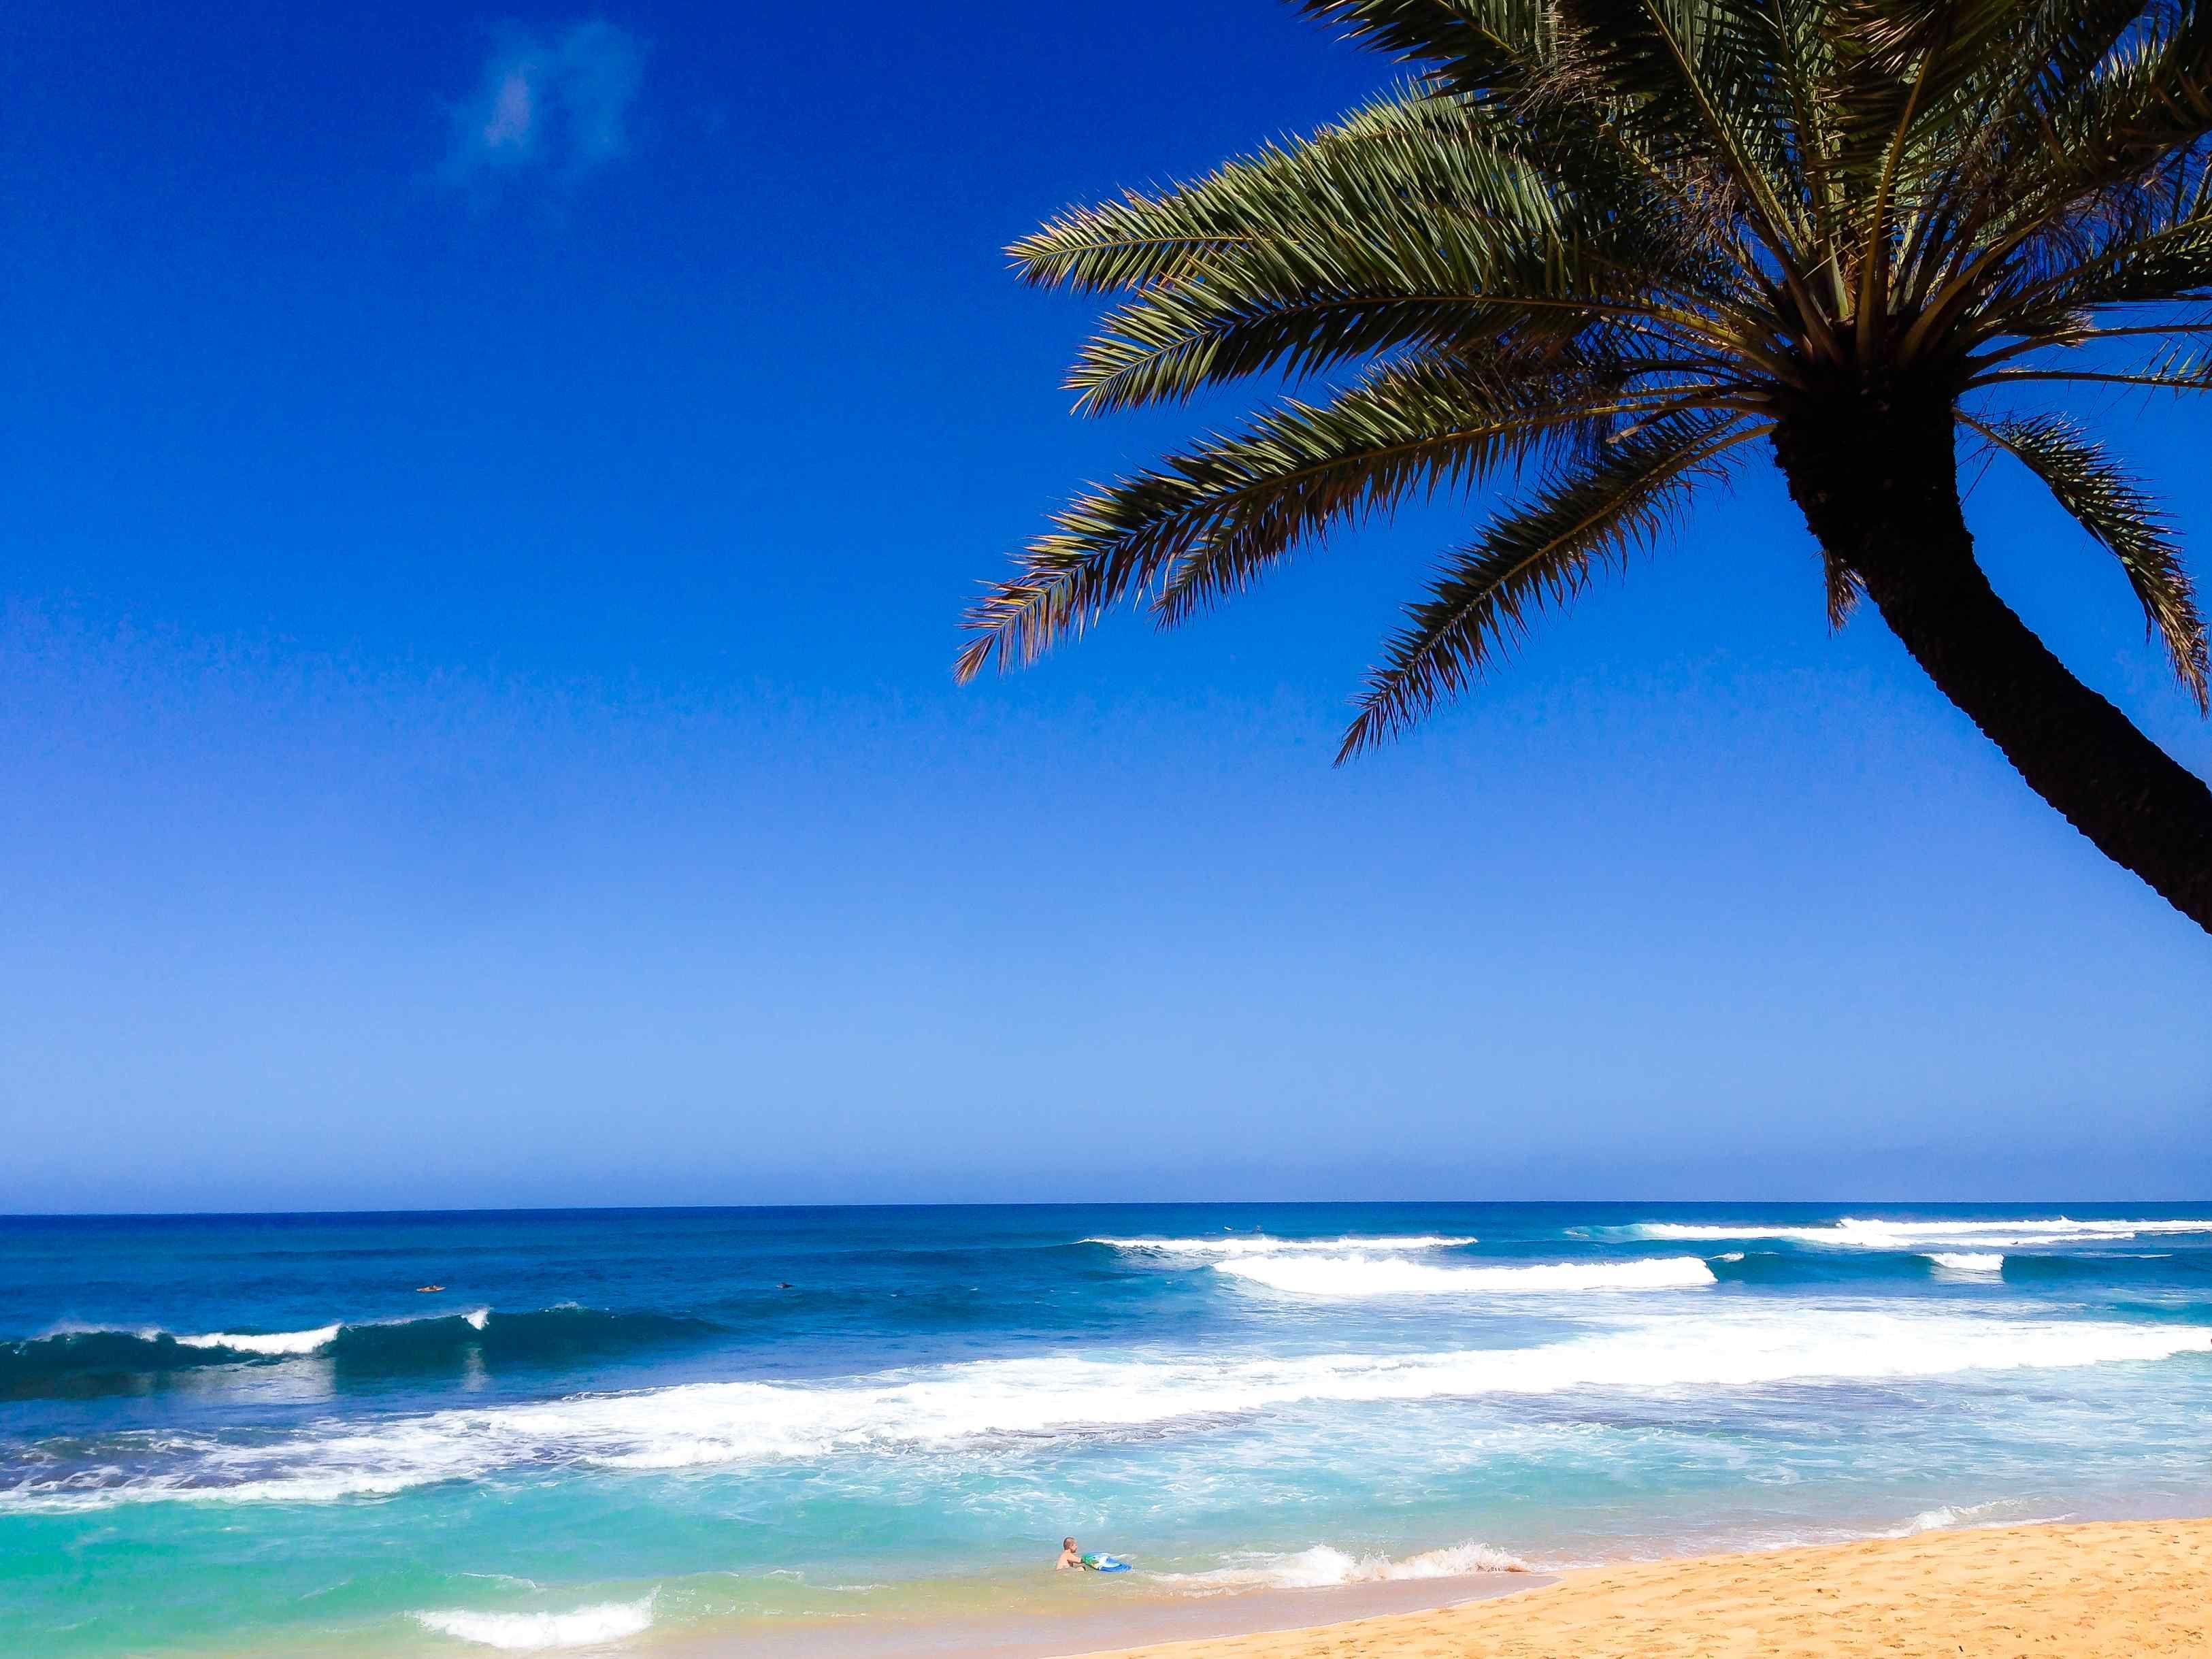 Лучший пляж на Гавайях